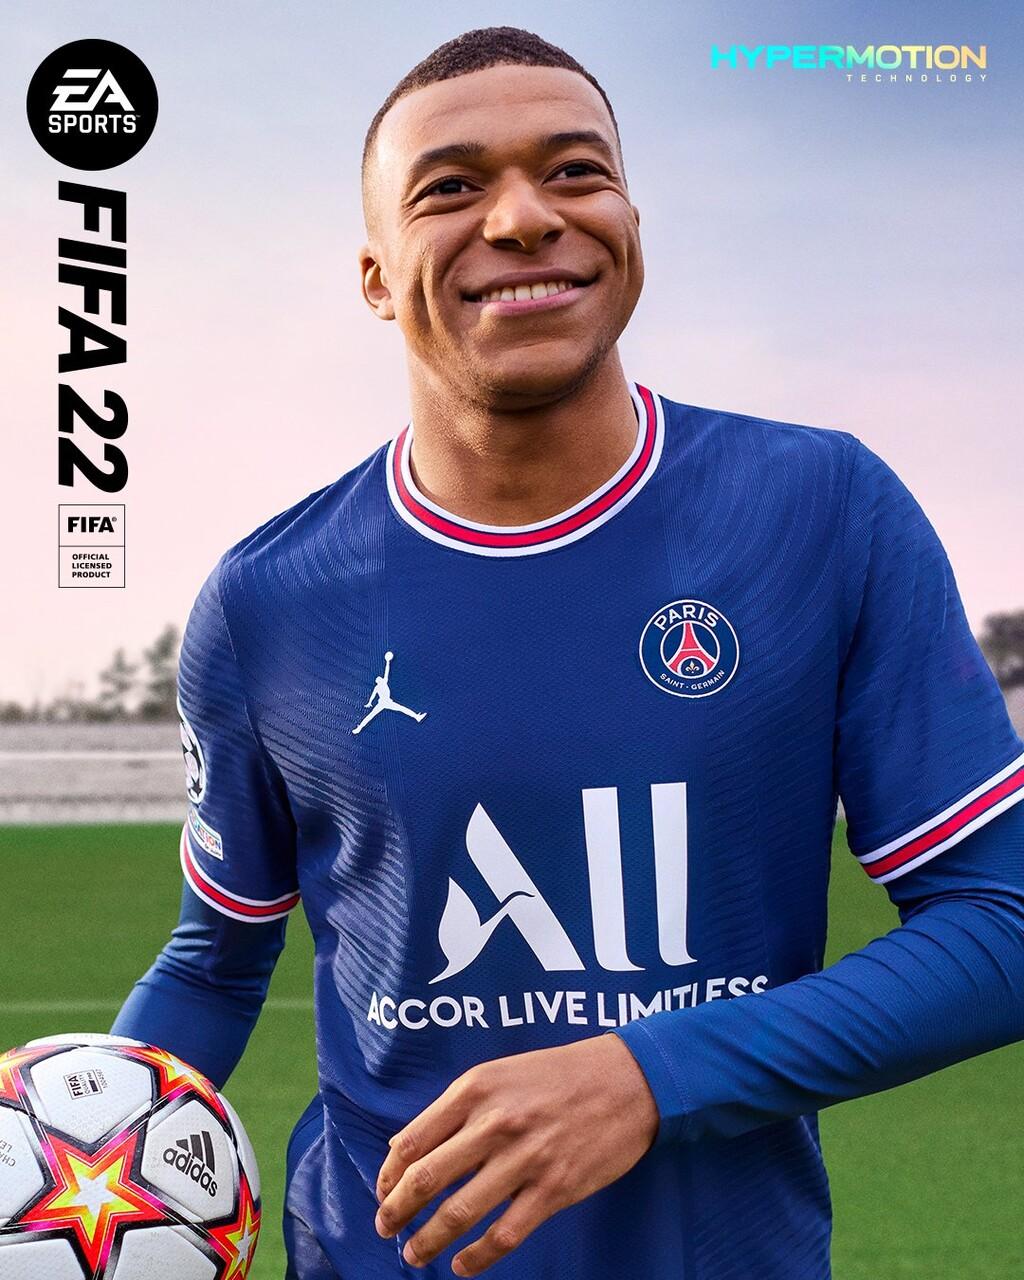 FIFA 22: Kylian Mbappé repite como la estrella principal de las portadas del juego de EA Sports